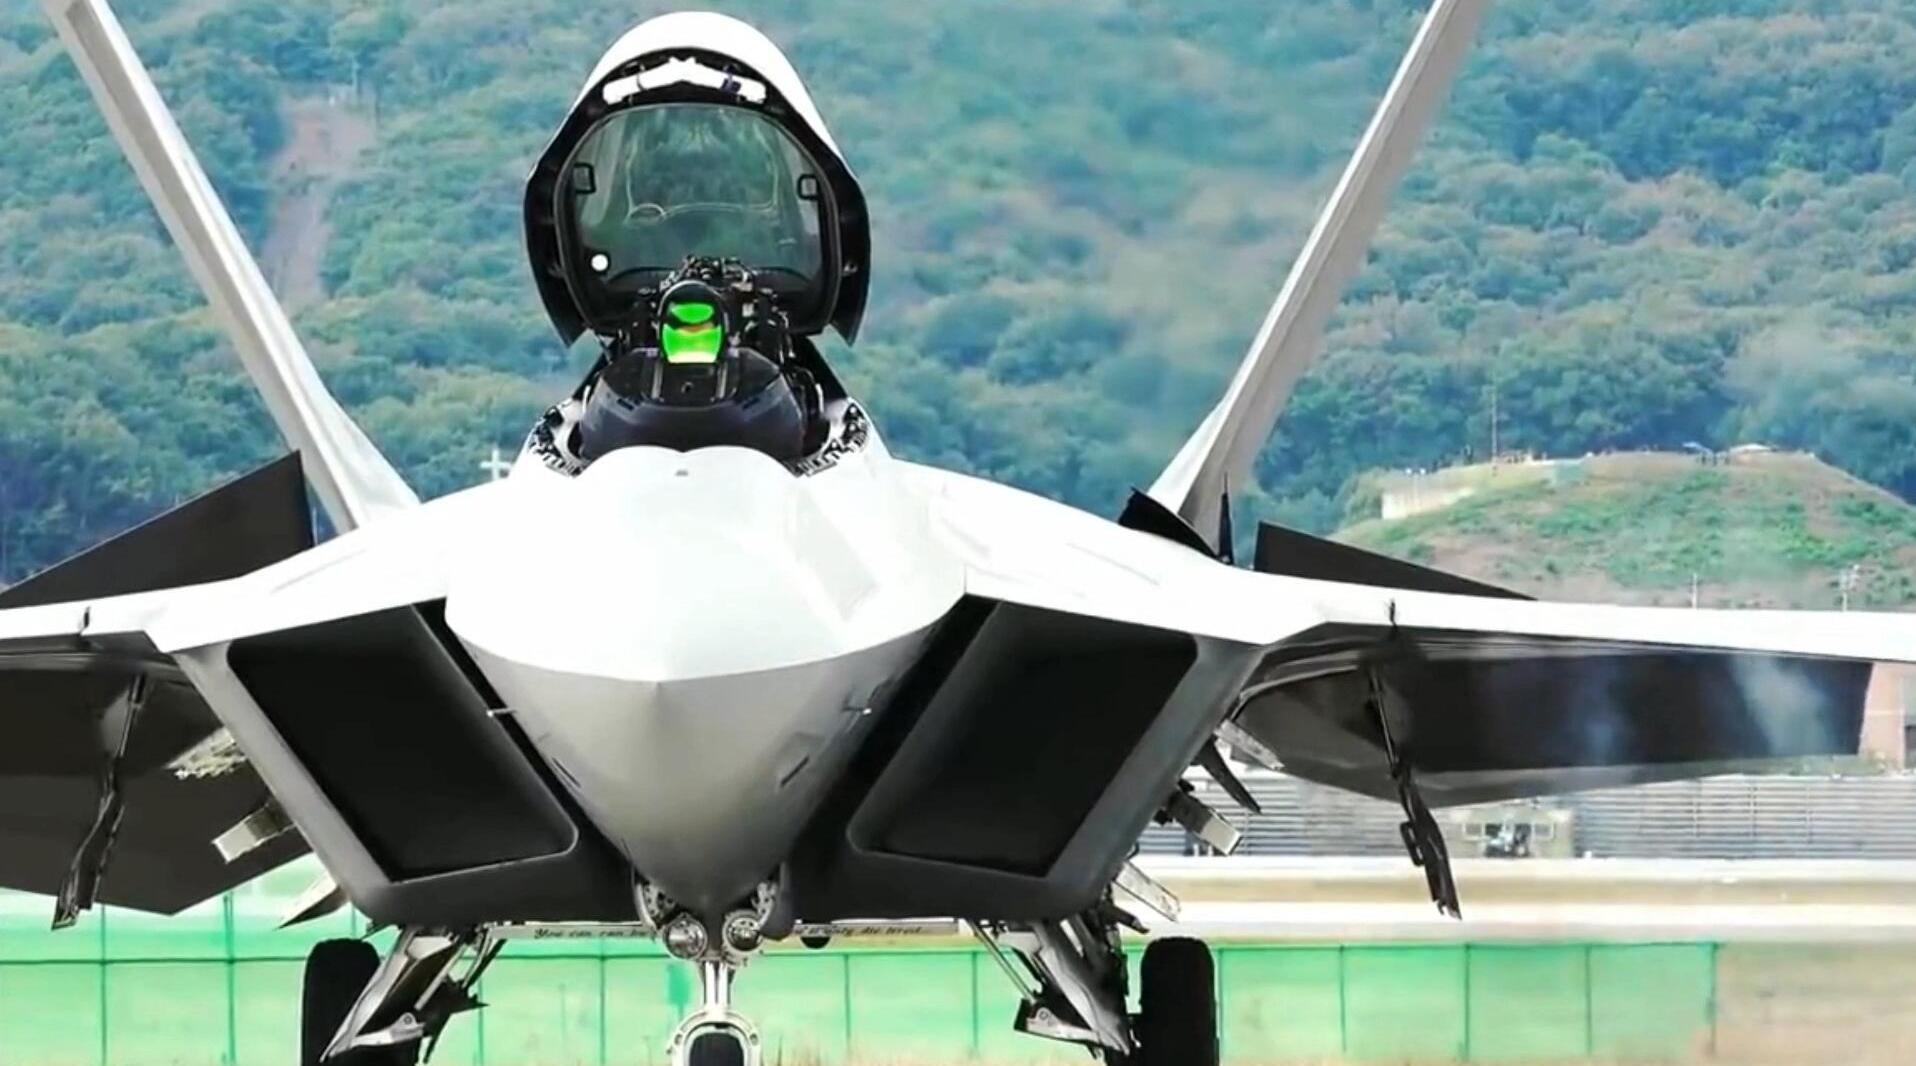 美国F-22战斗机,在韩国首尔进行飞行演示,机动性能是出了名的!